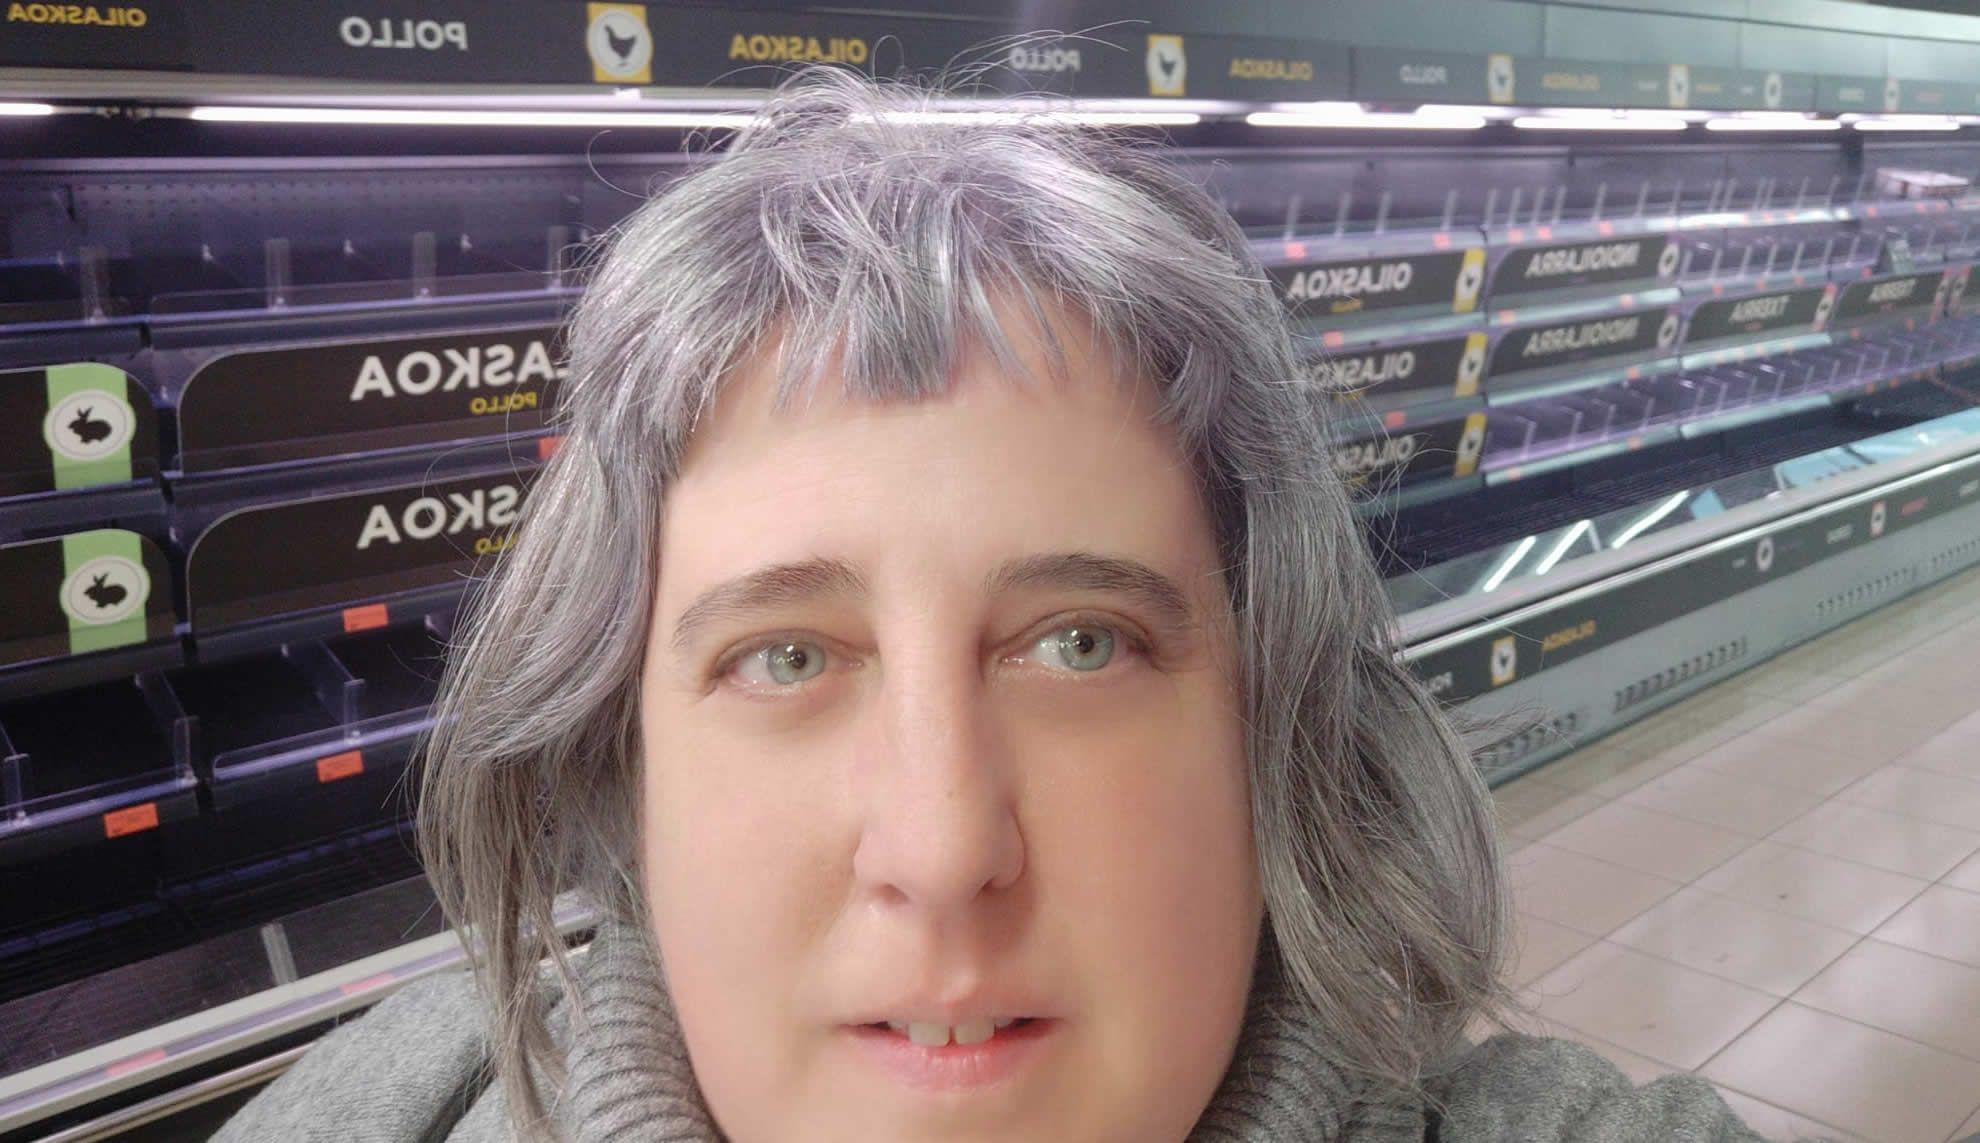 La coruñesa Ester Palacio se fotografió delante de uno de los lineales del supermercado